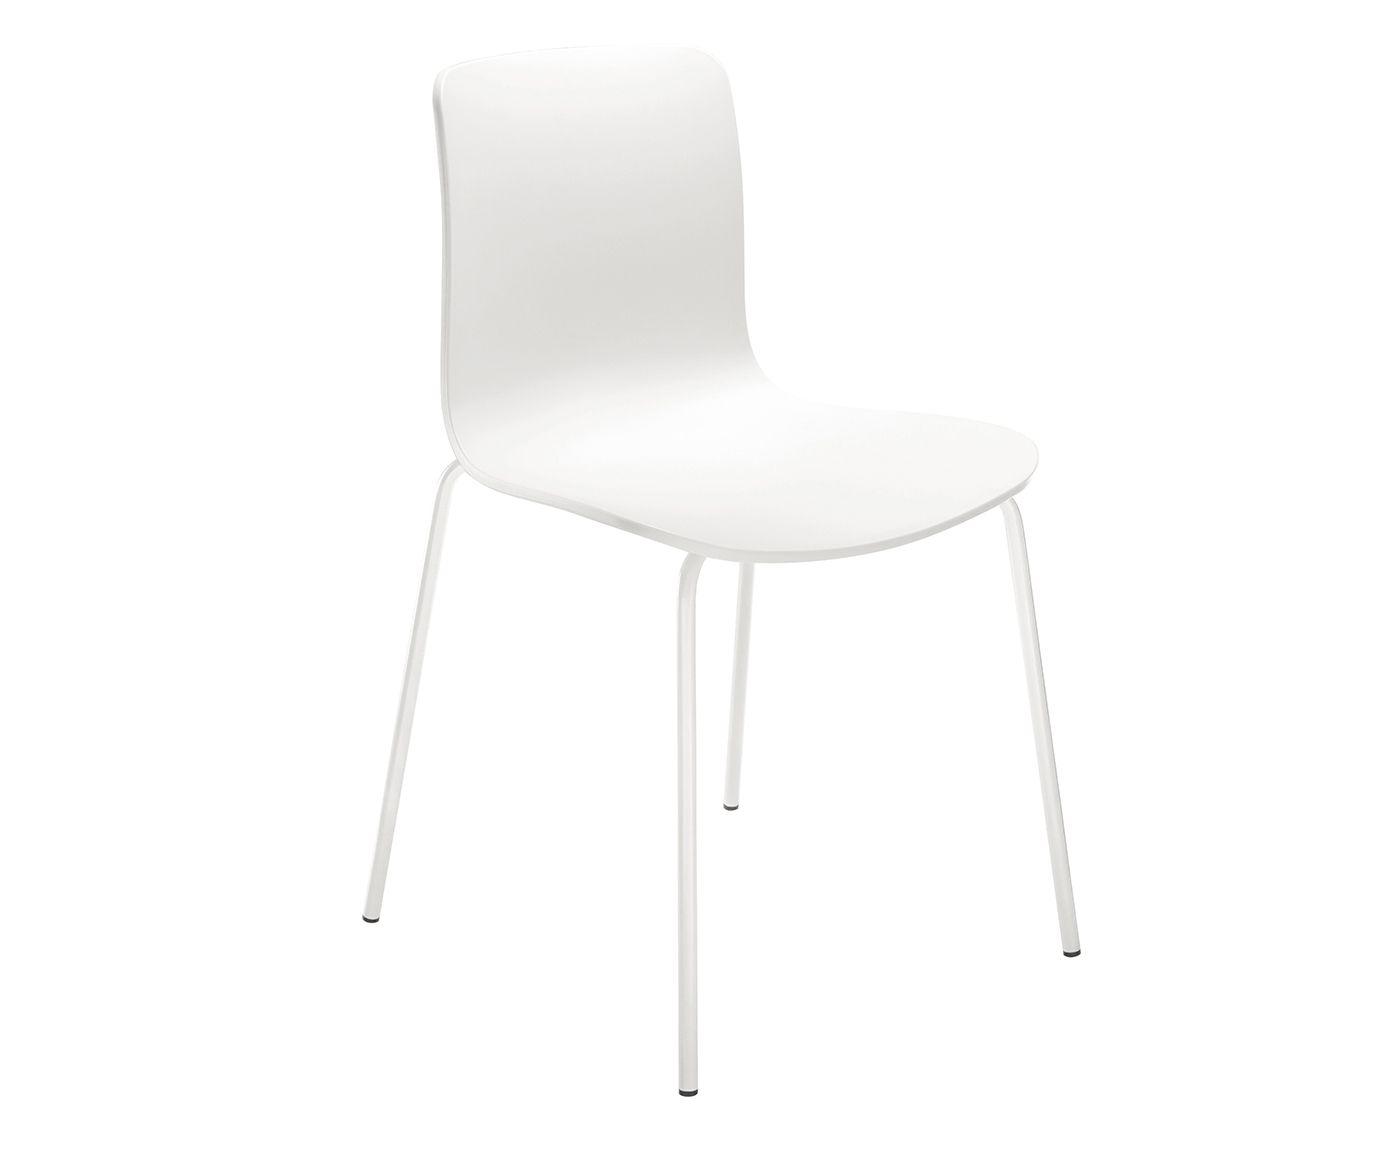 Cadeira Mallu | Westwing.com.br